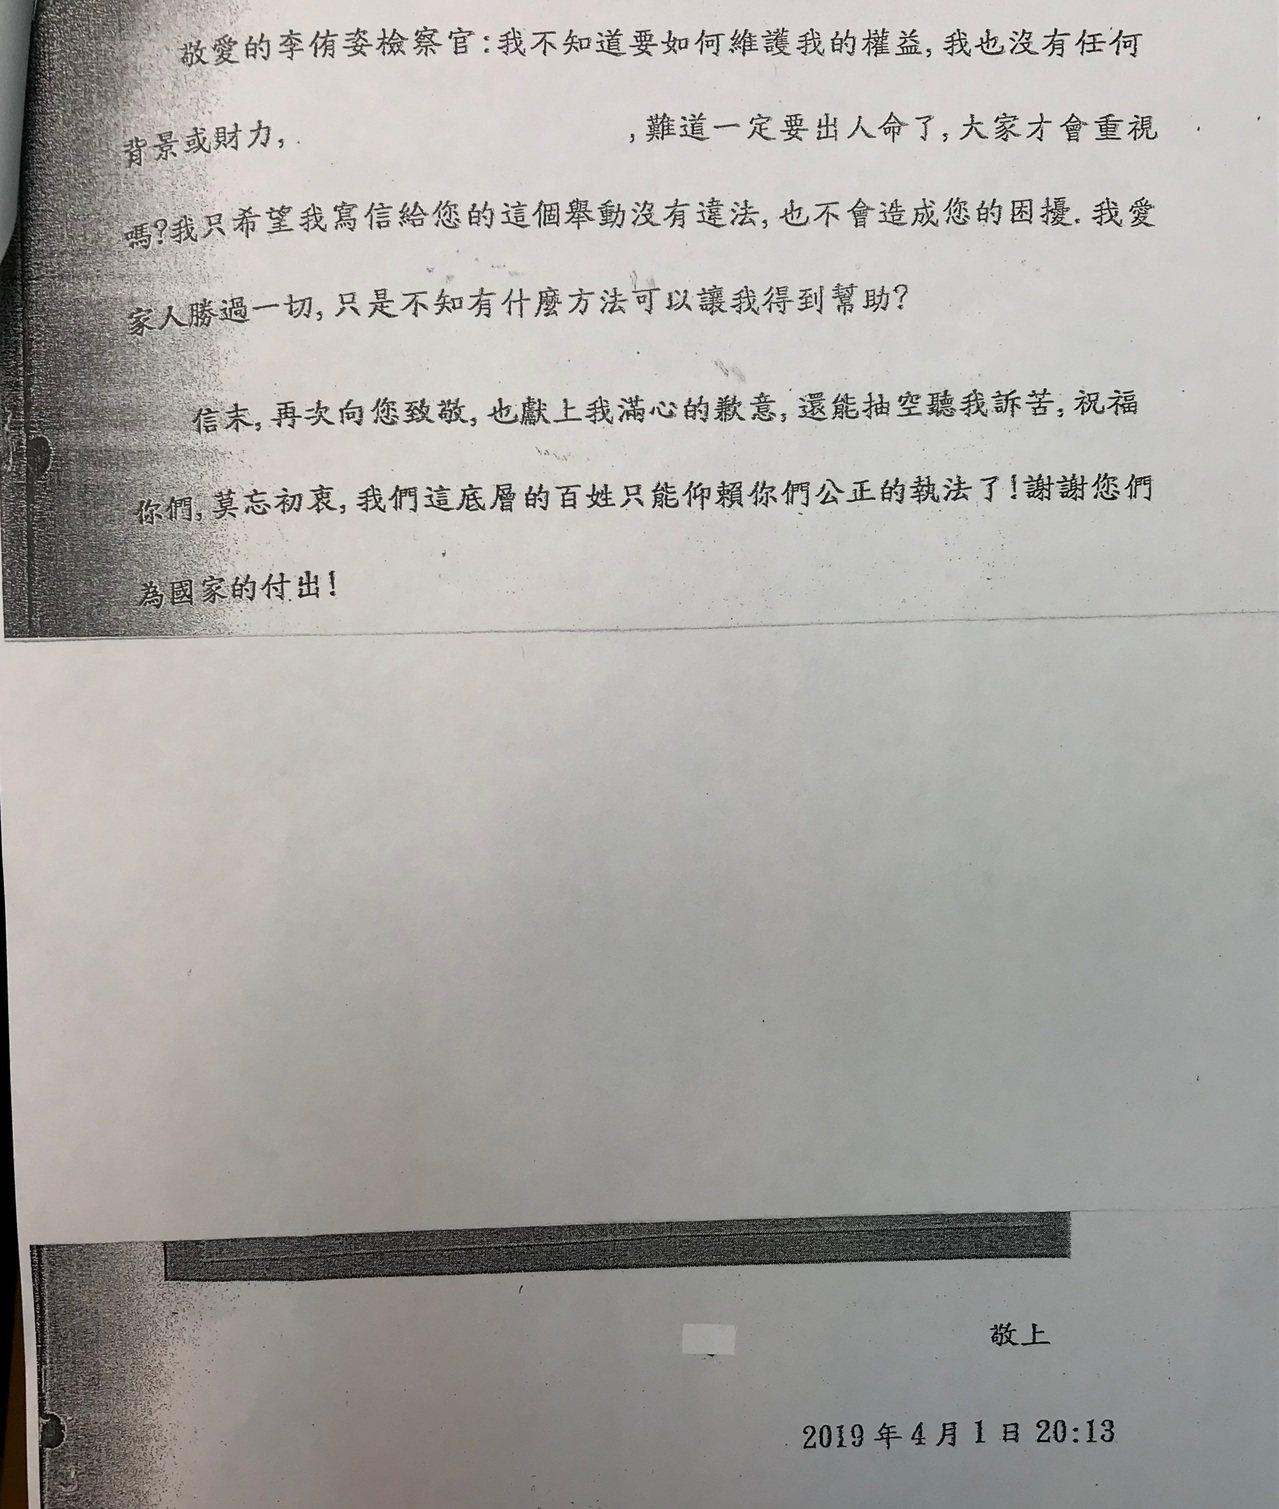 受害人寫信希望檢察官重視此詐騙案。記者林伯驊/翻攝